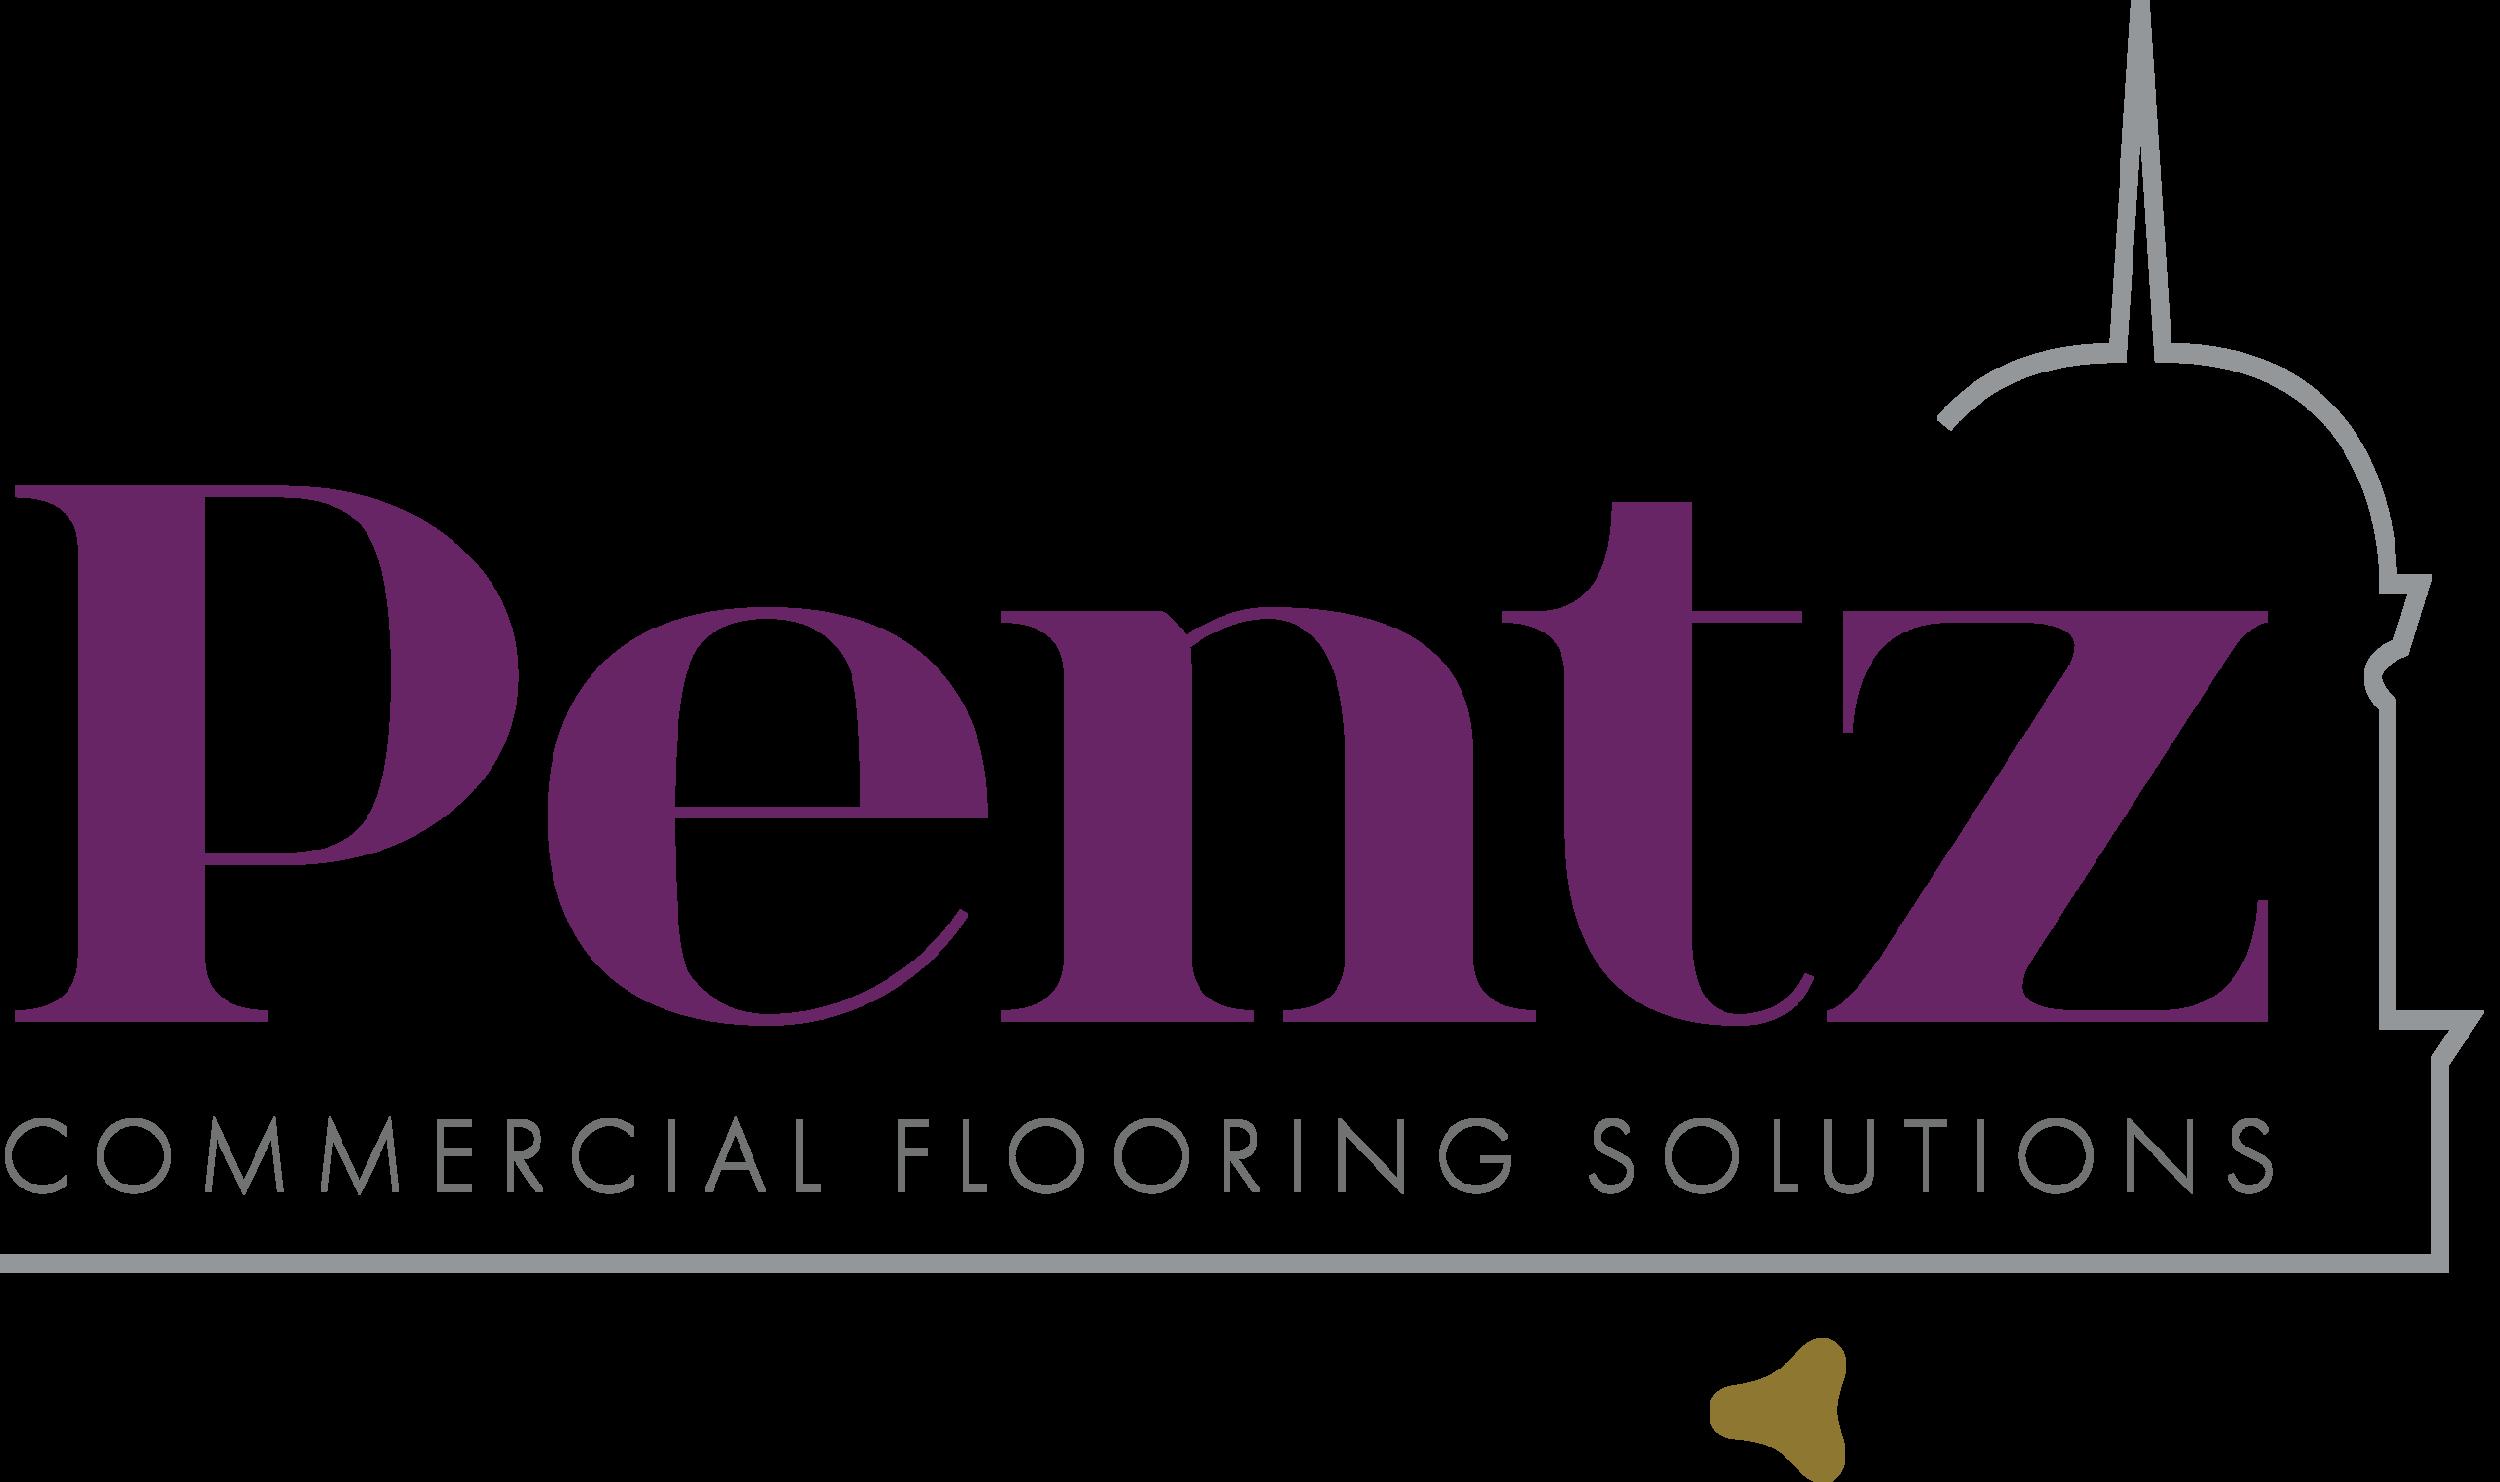 Master Logo-Pentz.png